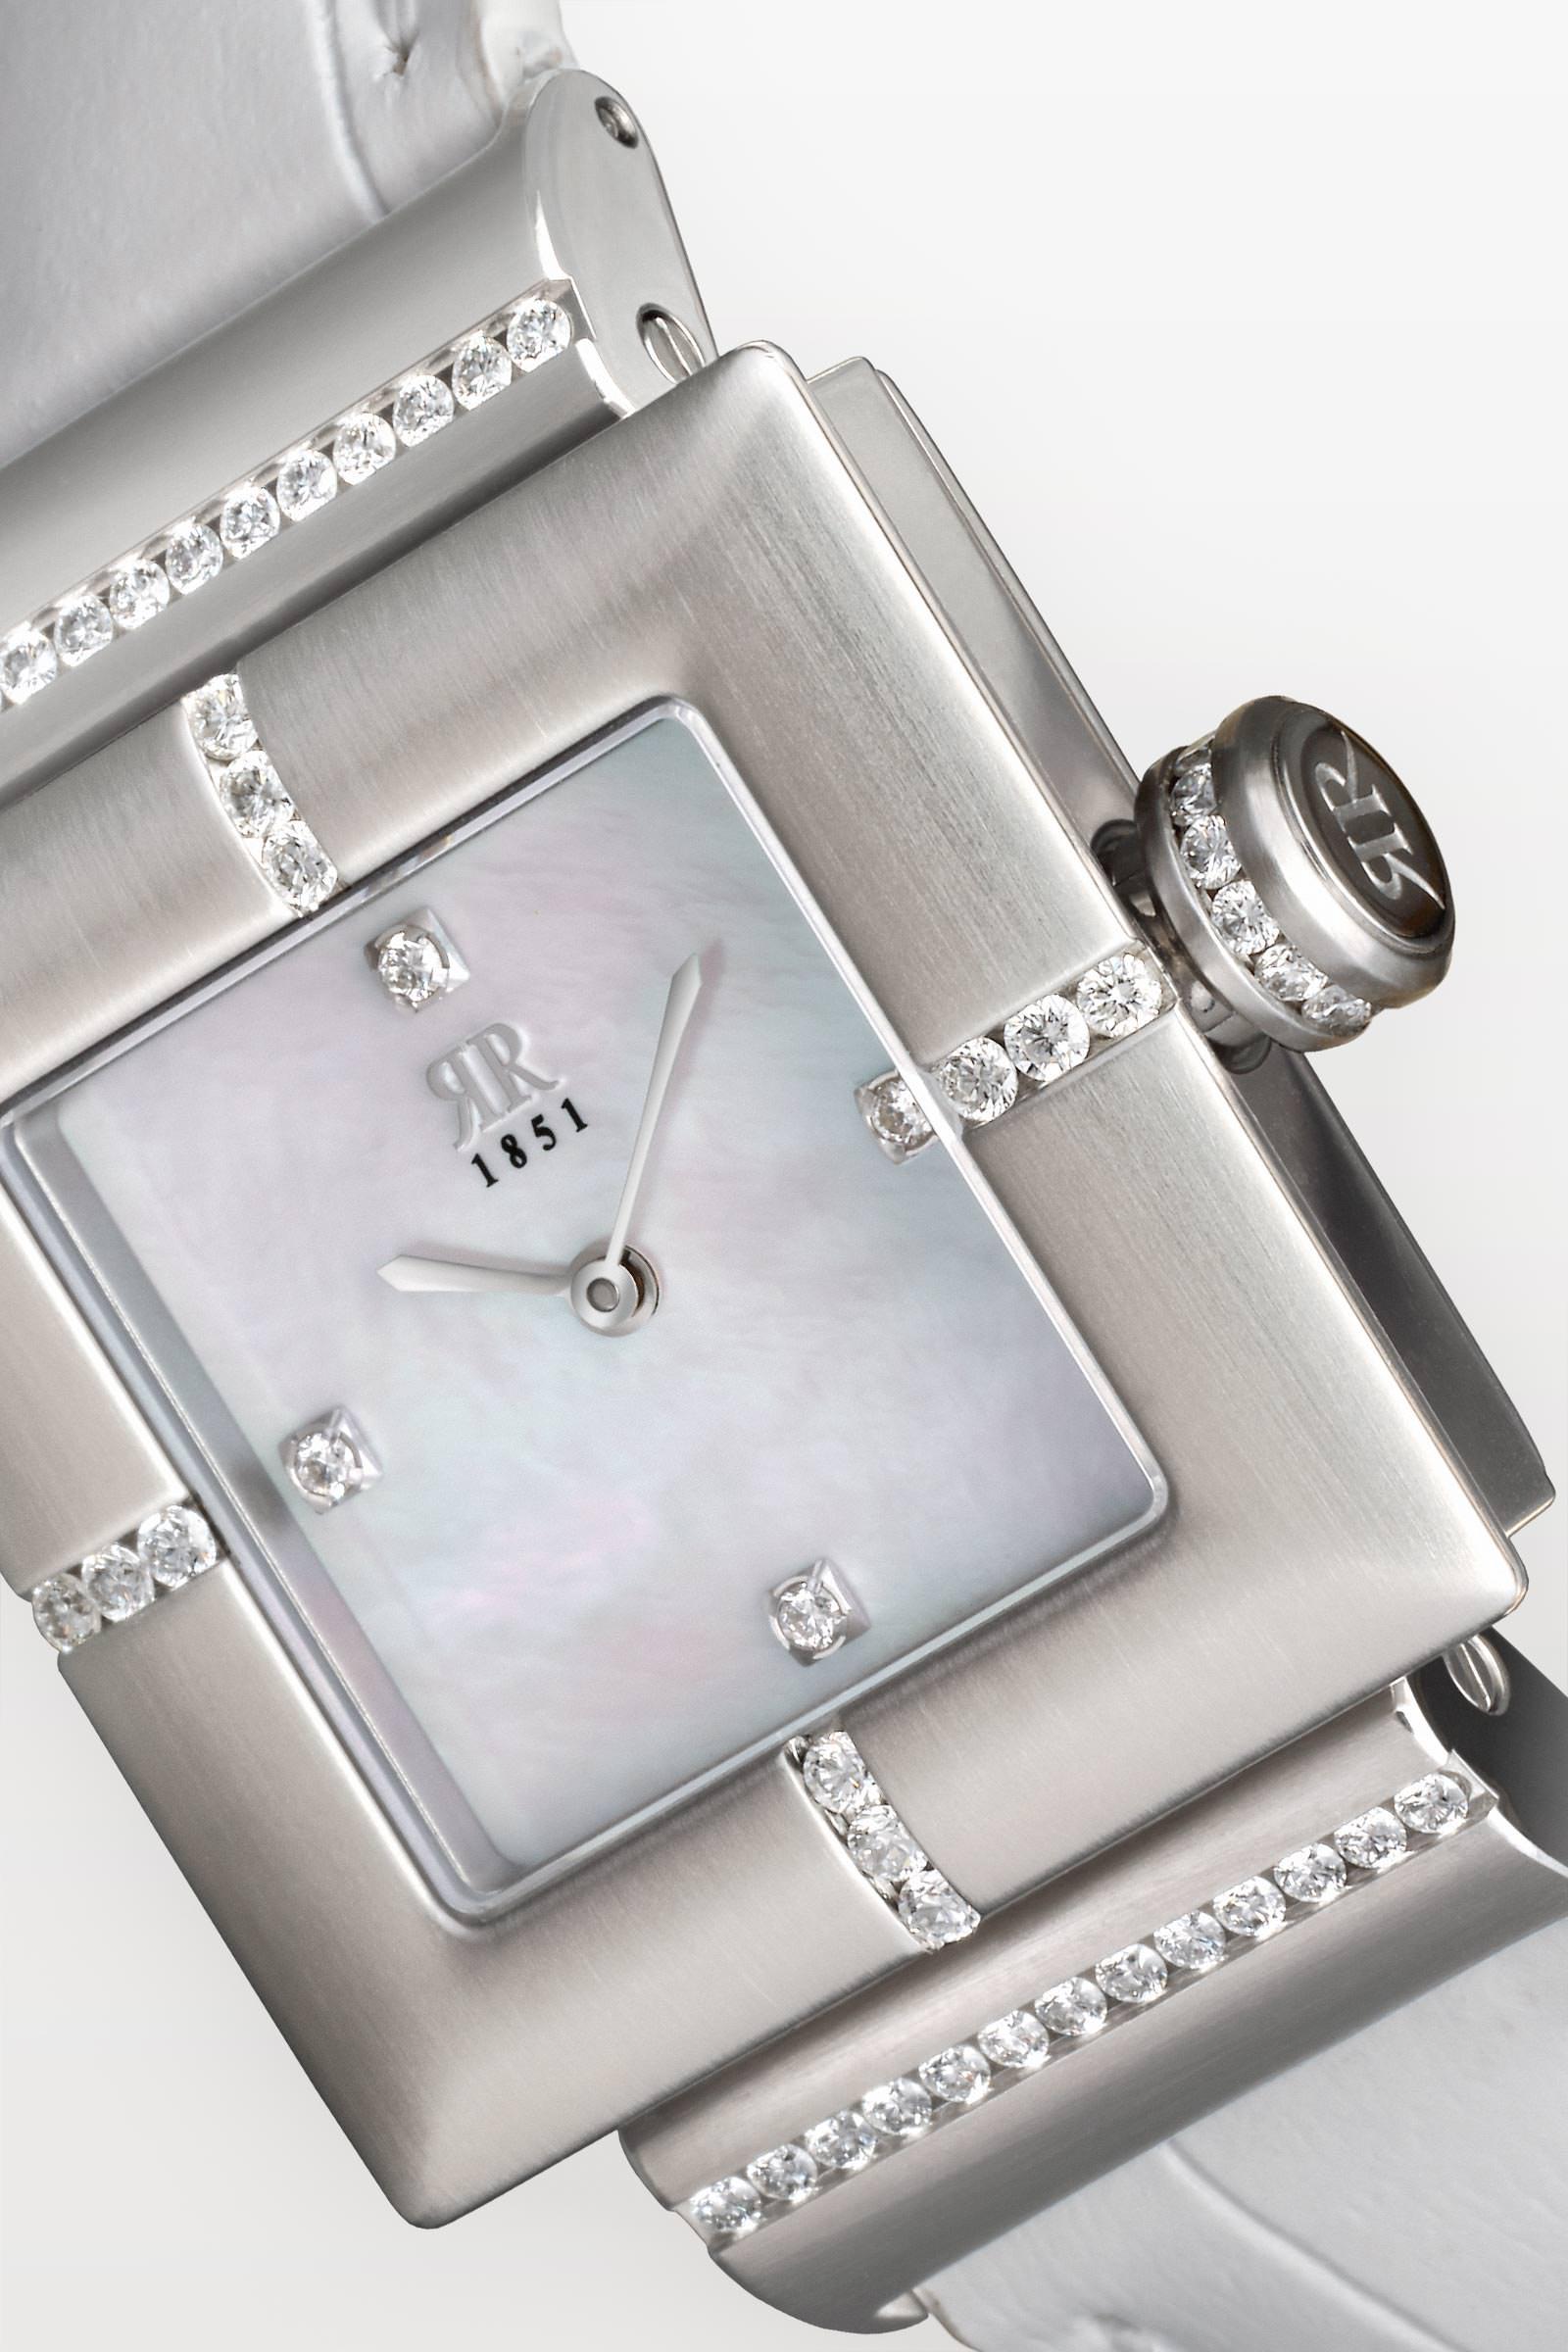 Beeindruckt durch einzigartiges Kunsthandwerk - Jede Rohrbacher wird einzeln und überwiegend von Hand gefertigt. Deshalb ist jede Rohrbacher ein Unikat. Jede Intarsien aus Gold, Platin oder Tantal, schmieden wir mit streng gehüteter Handwerkskunst von Hand in das Uhrengehäuse. Diese anspruchsvolle Kunstfertigkeit ist in der Uhrenwelt genauso einmalig wie unsere patentierte Brillanten-Fasstechnik